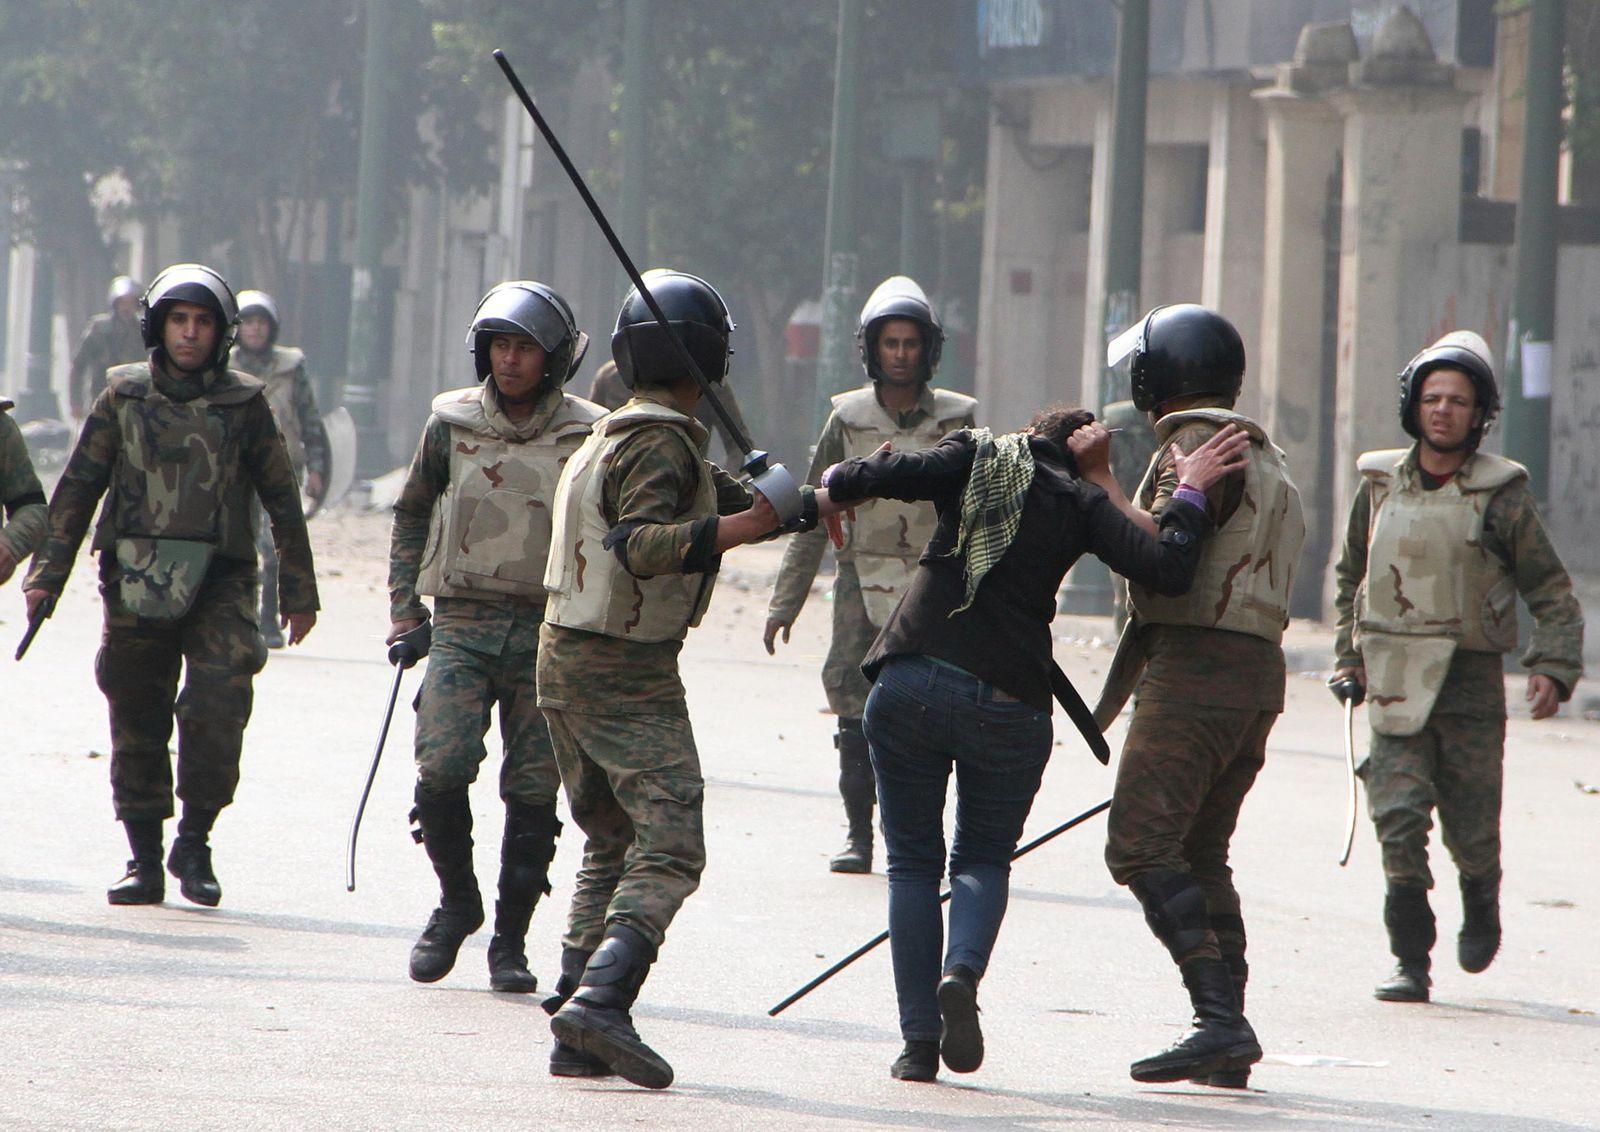 Kairo / Frau / Verhaftung